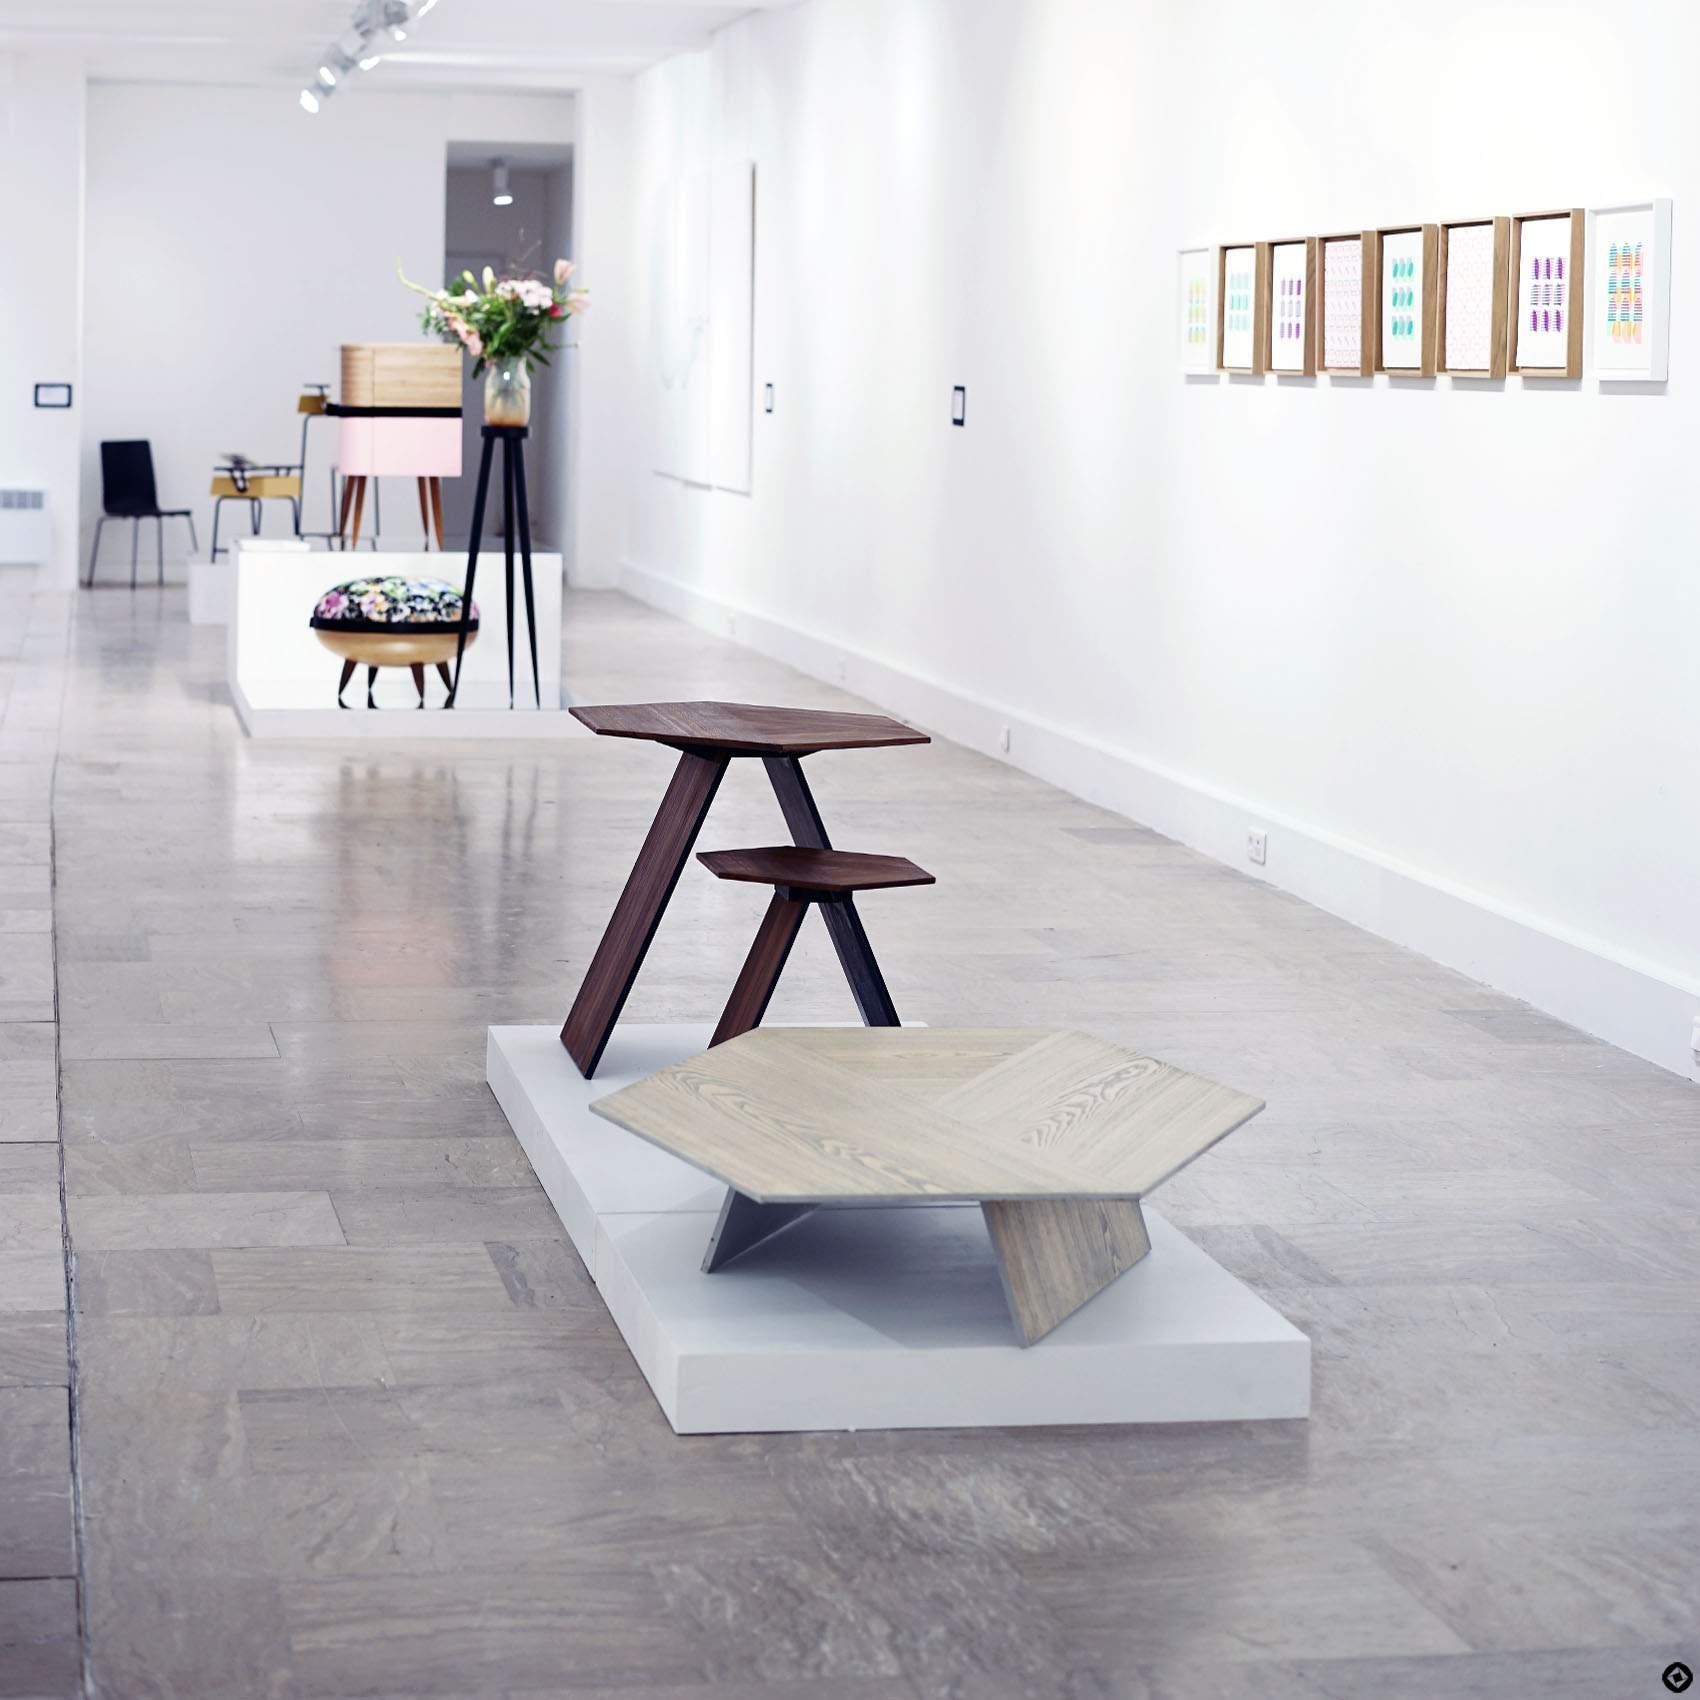 pdw16-galerie-joseph-blog-design-6